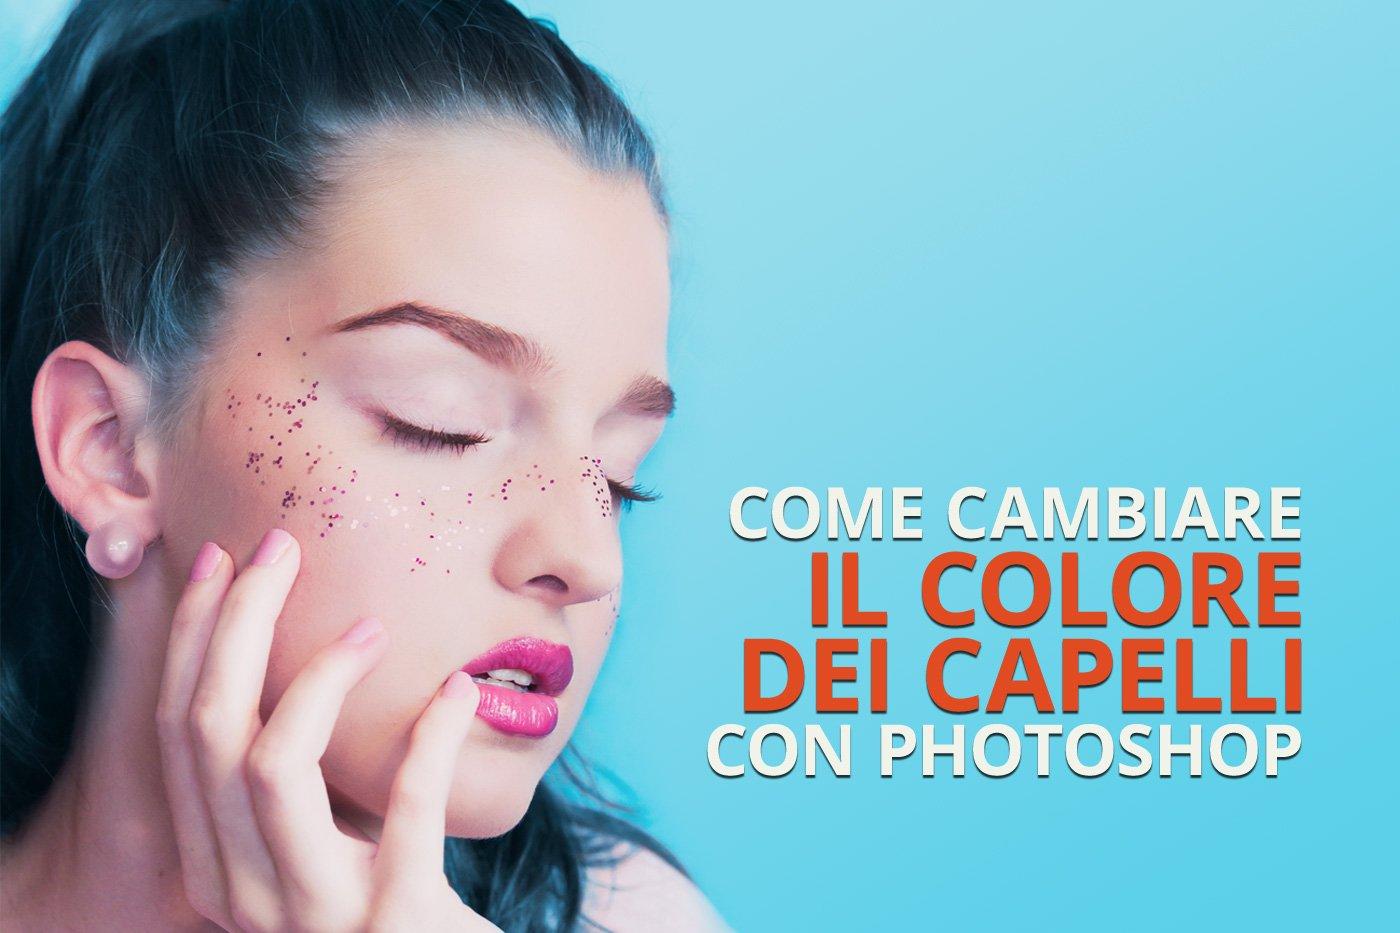 Come cambiare colore ai capelli con Photoshop